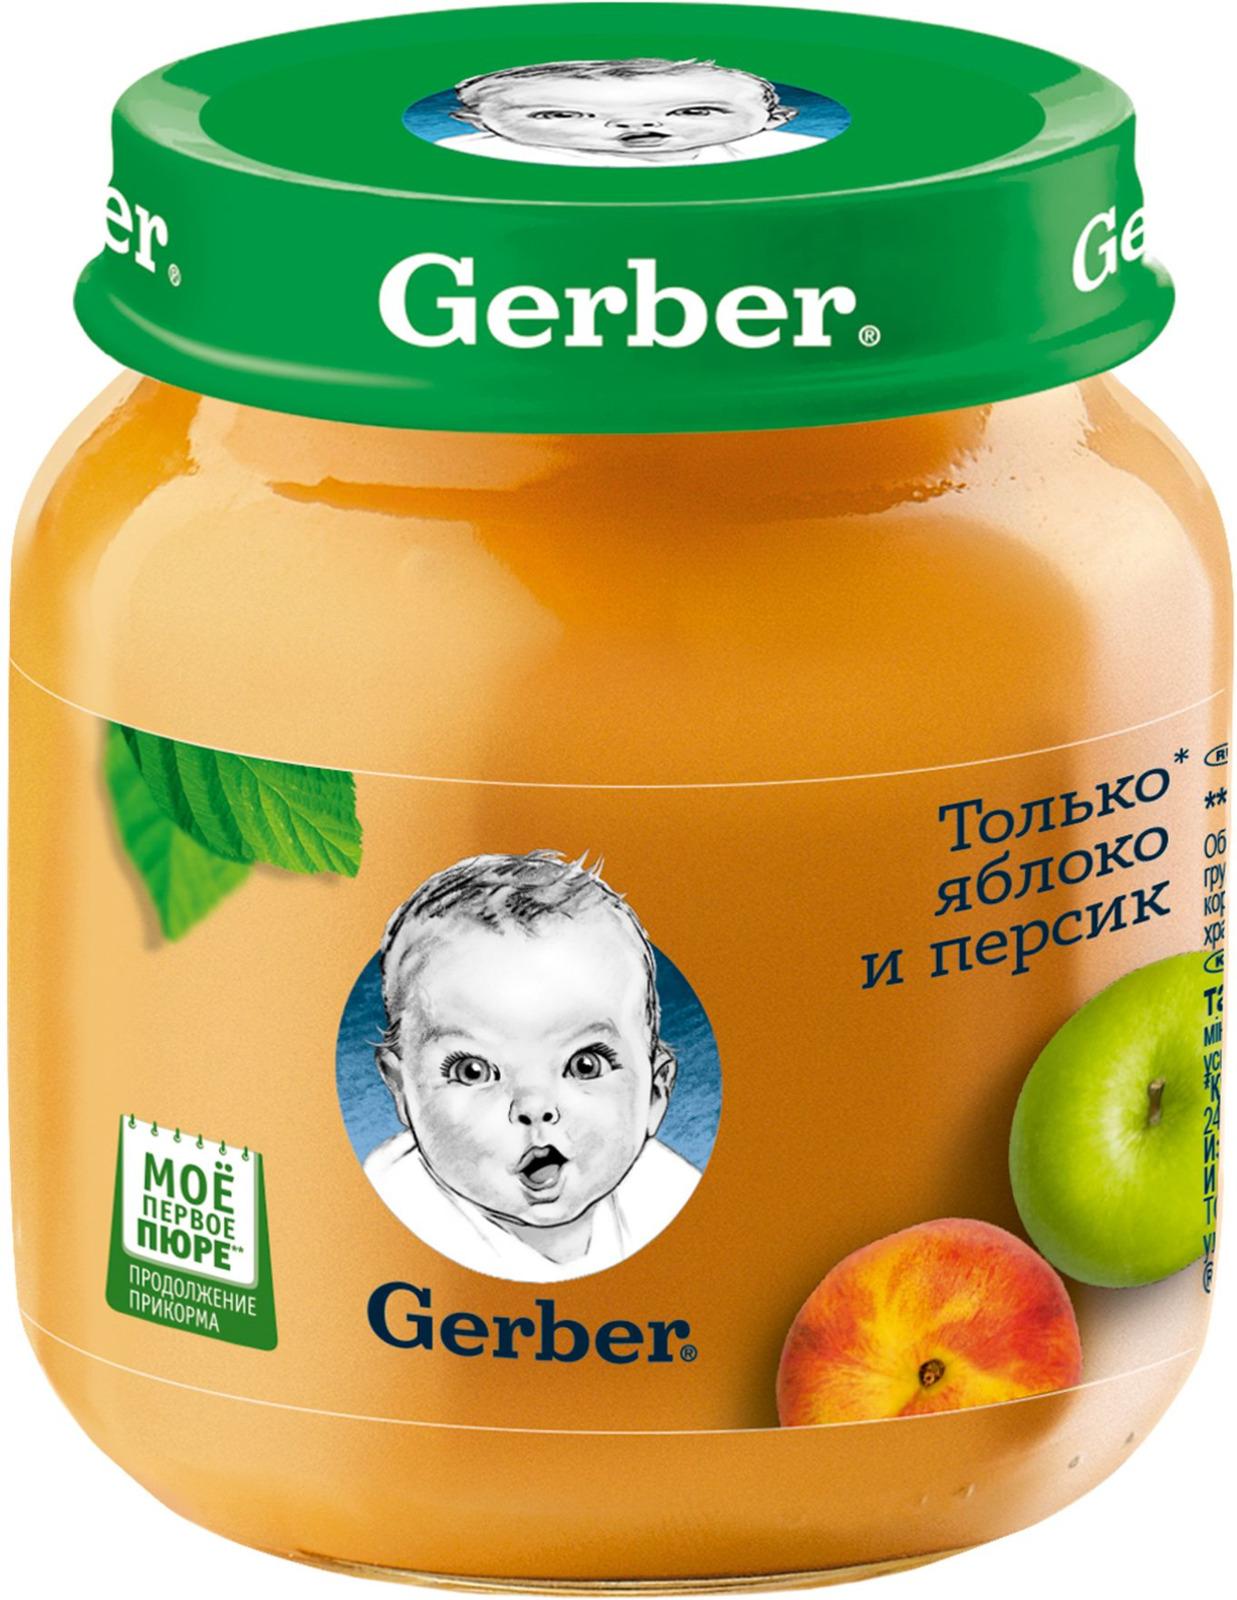 Gerber пюре яблоко и персик, 130 г gerber пюре тыква 130 г